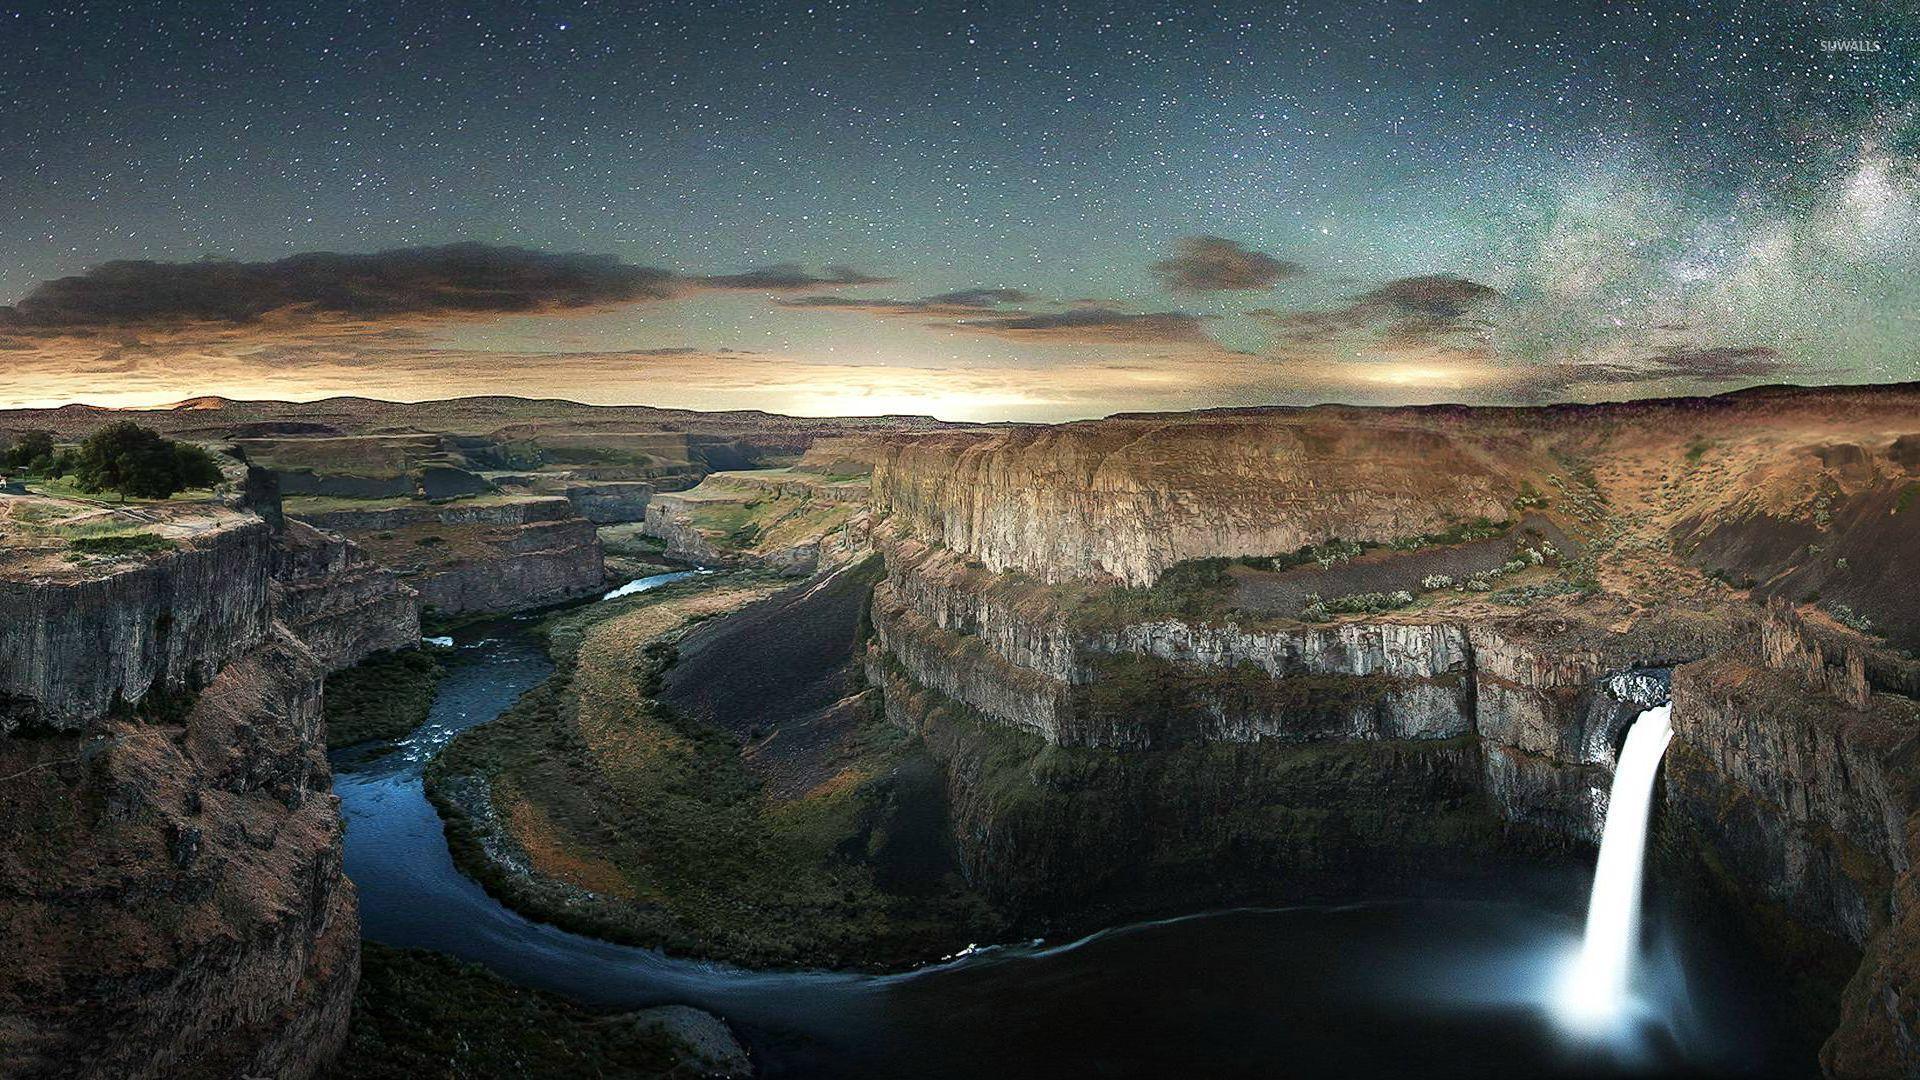 Fall Waterfall Wallpaper Palouse Falls And Colorado River Washington Wallpaper